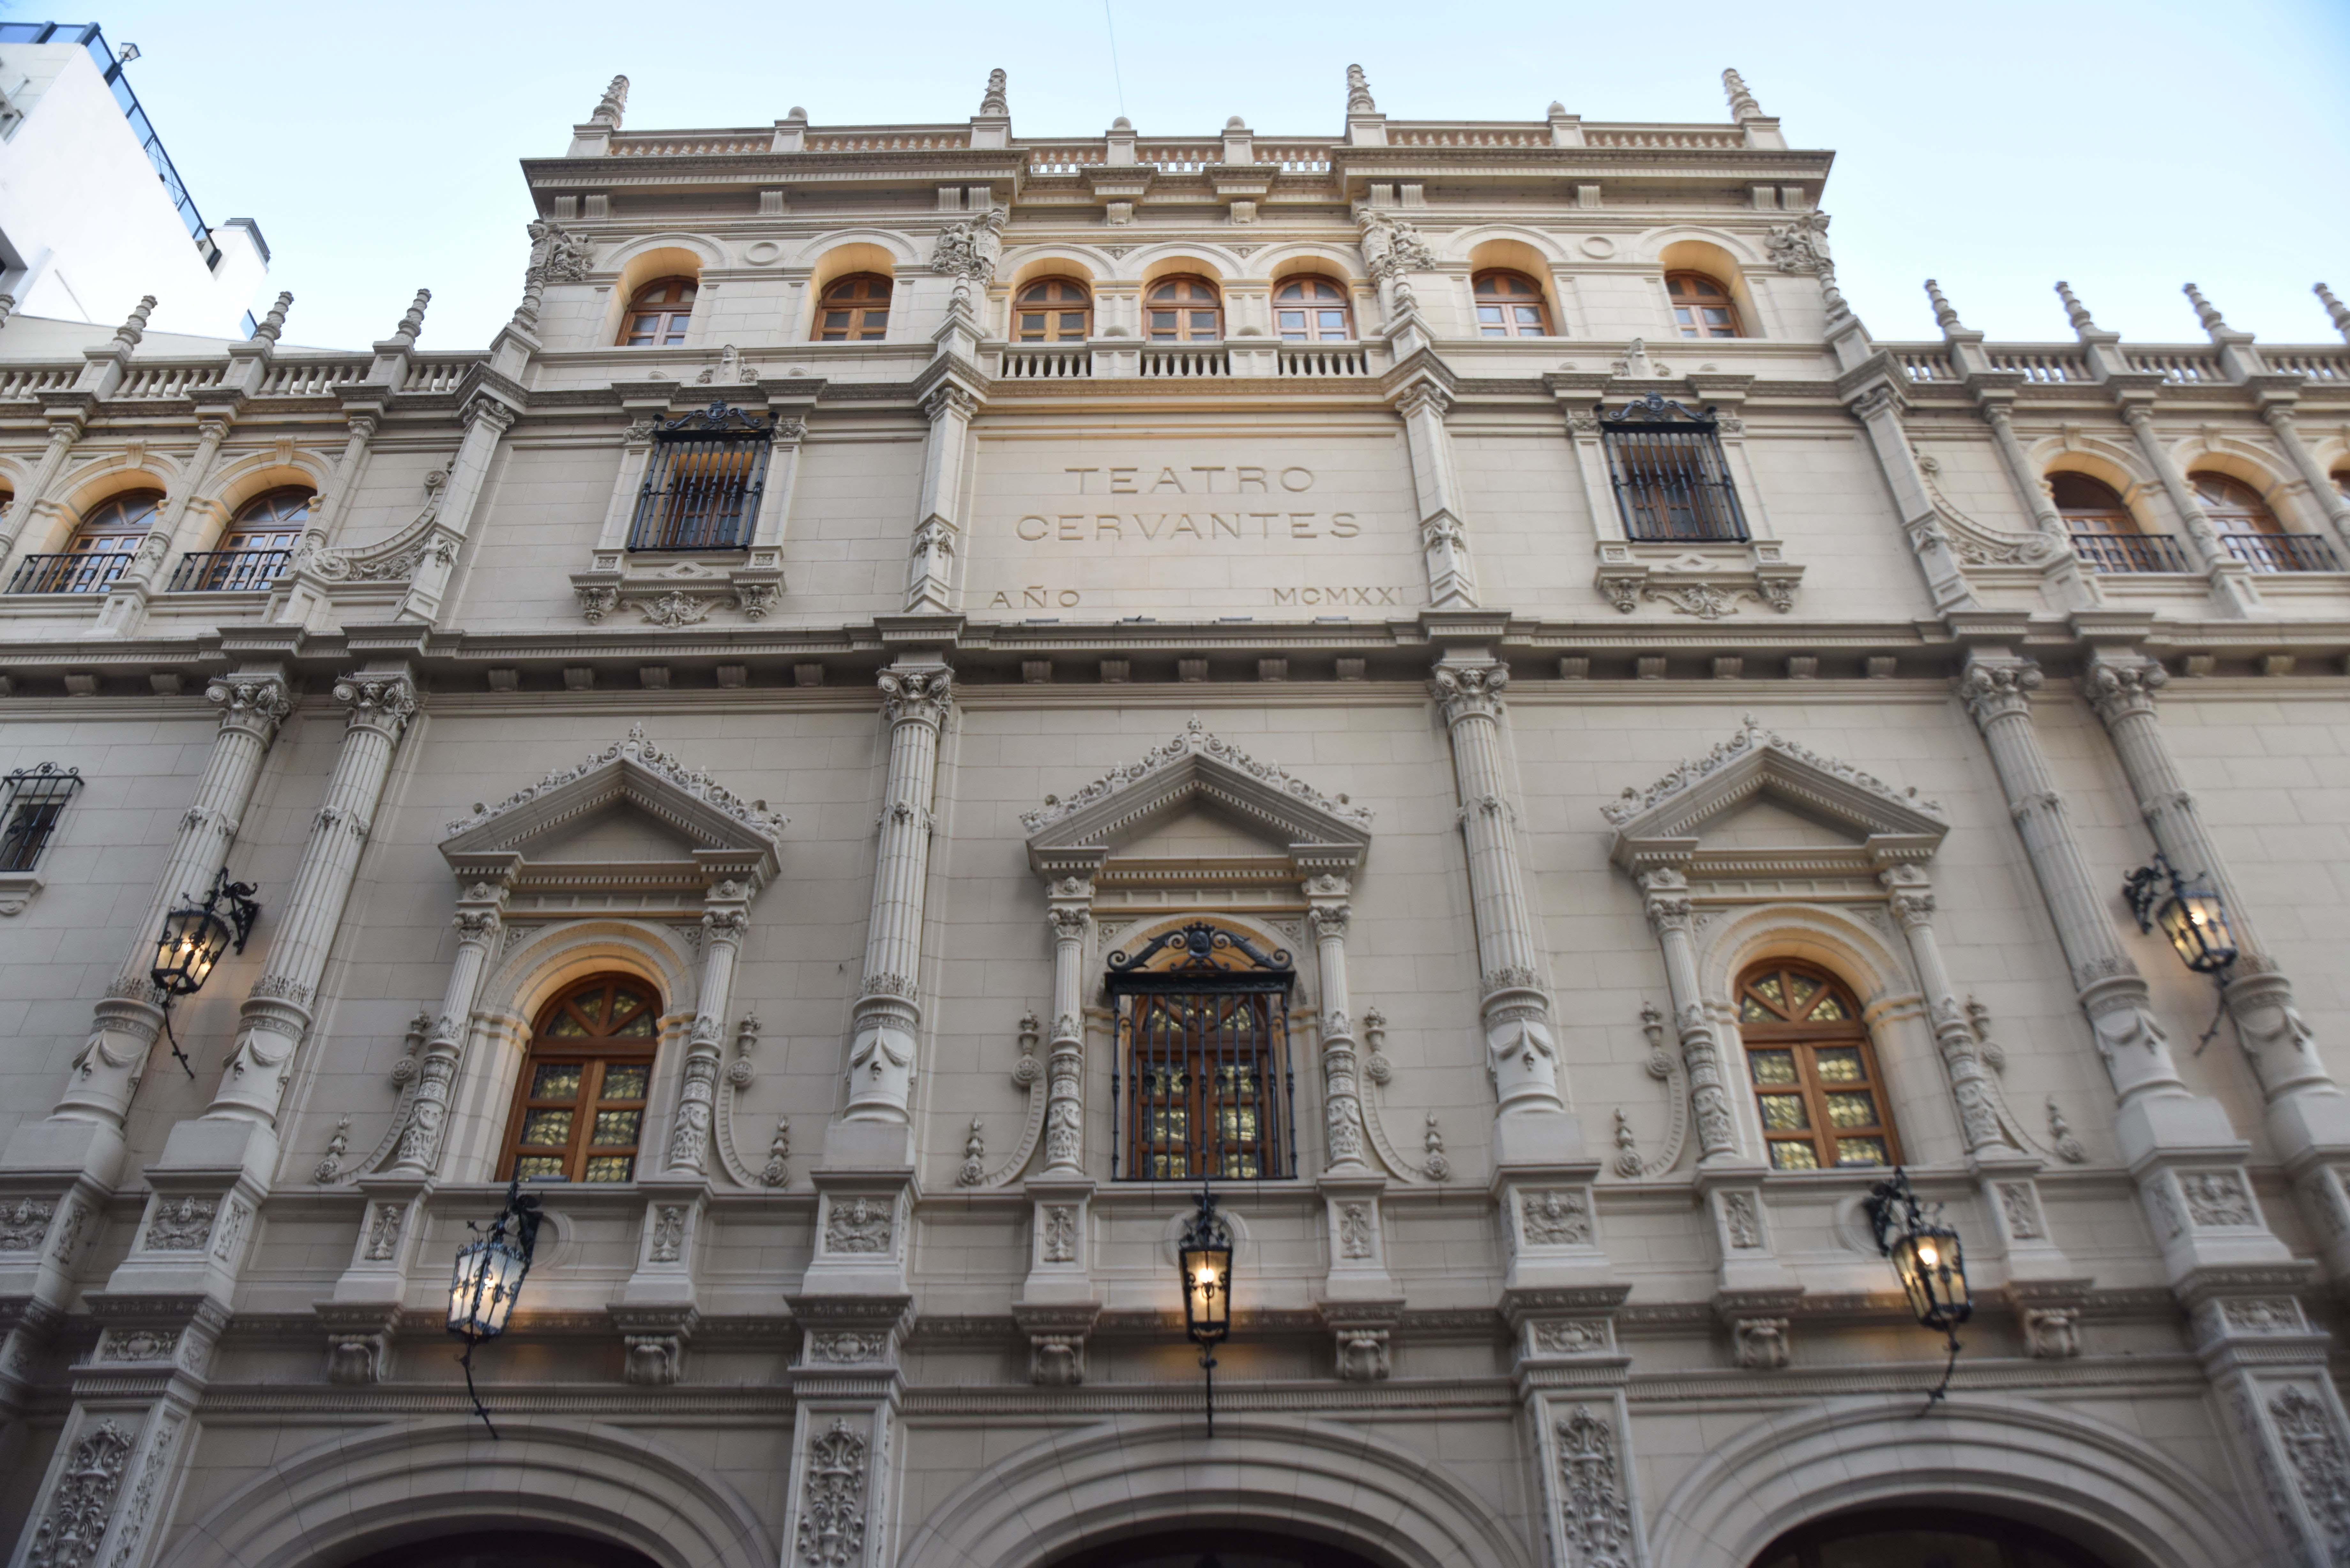 El Teatro Cervantes despidió a uno de los director más reconocidos que pasaron por la emblemática sala (Fotos: Franco Fafasuli)